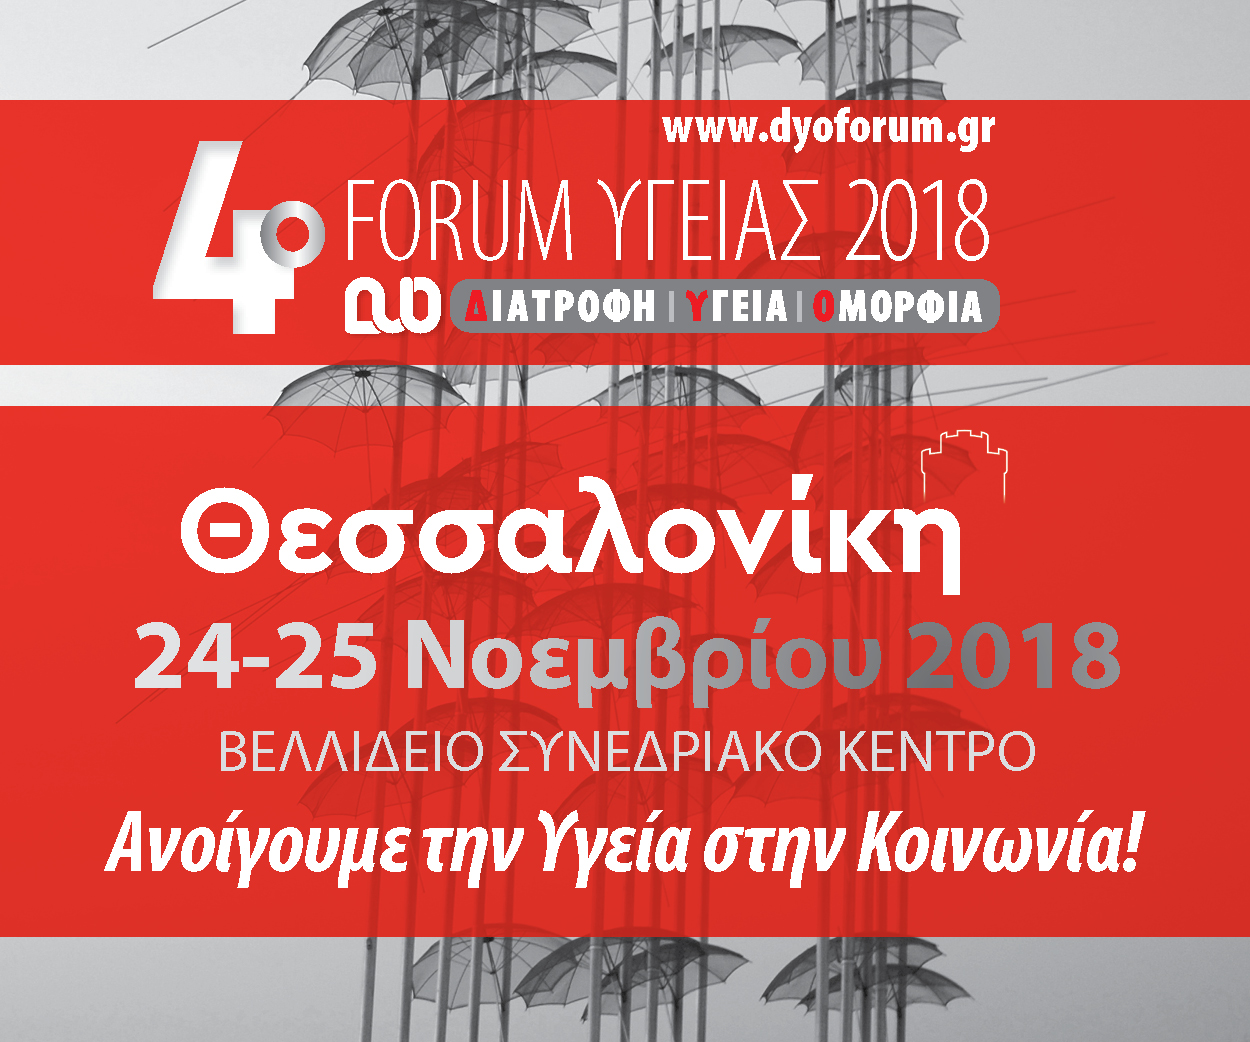 4o Forum Υγείας (24-25/11/2018, Θεσσαλονίκη)